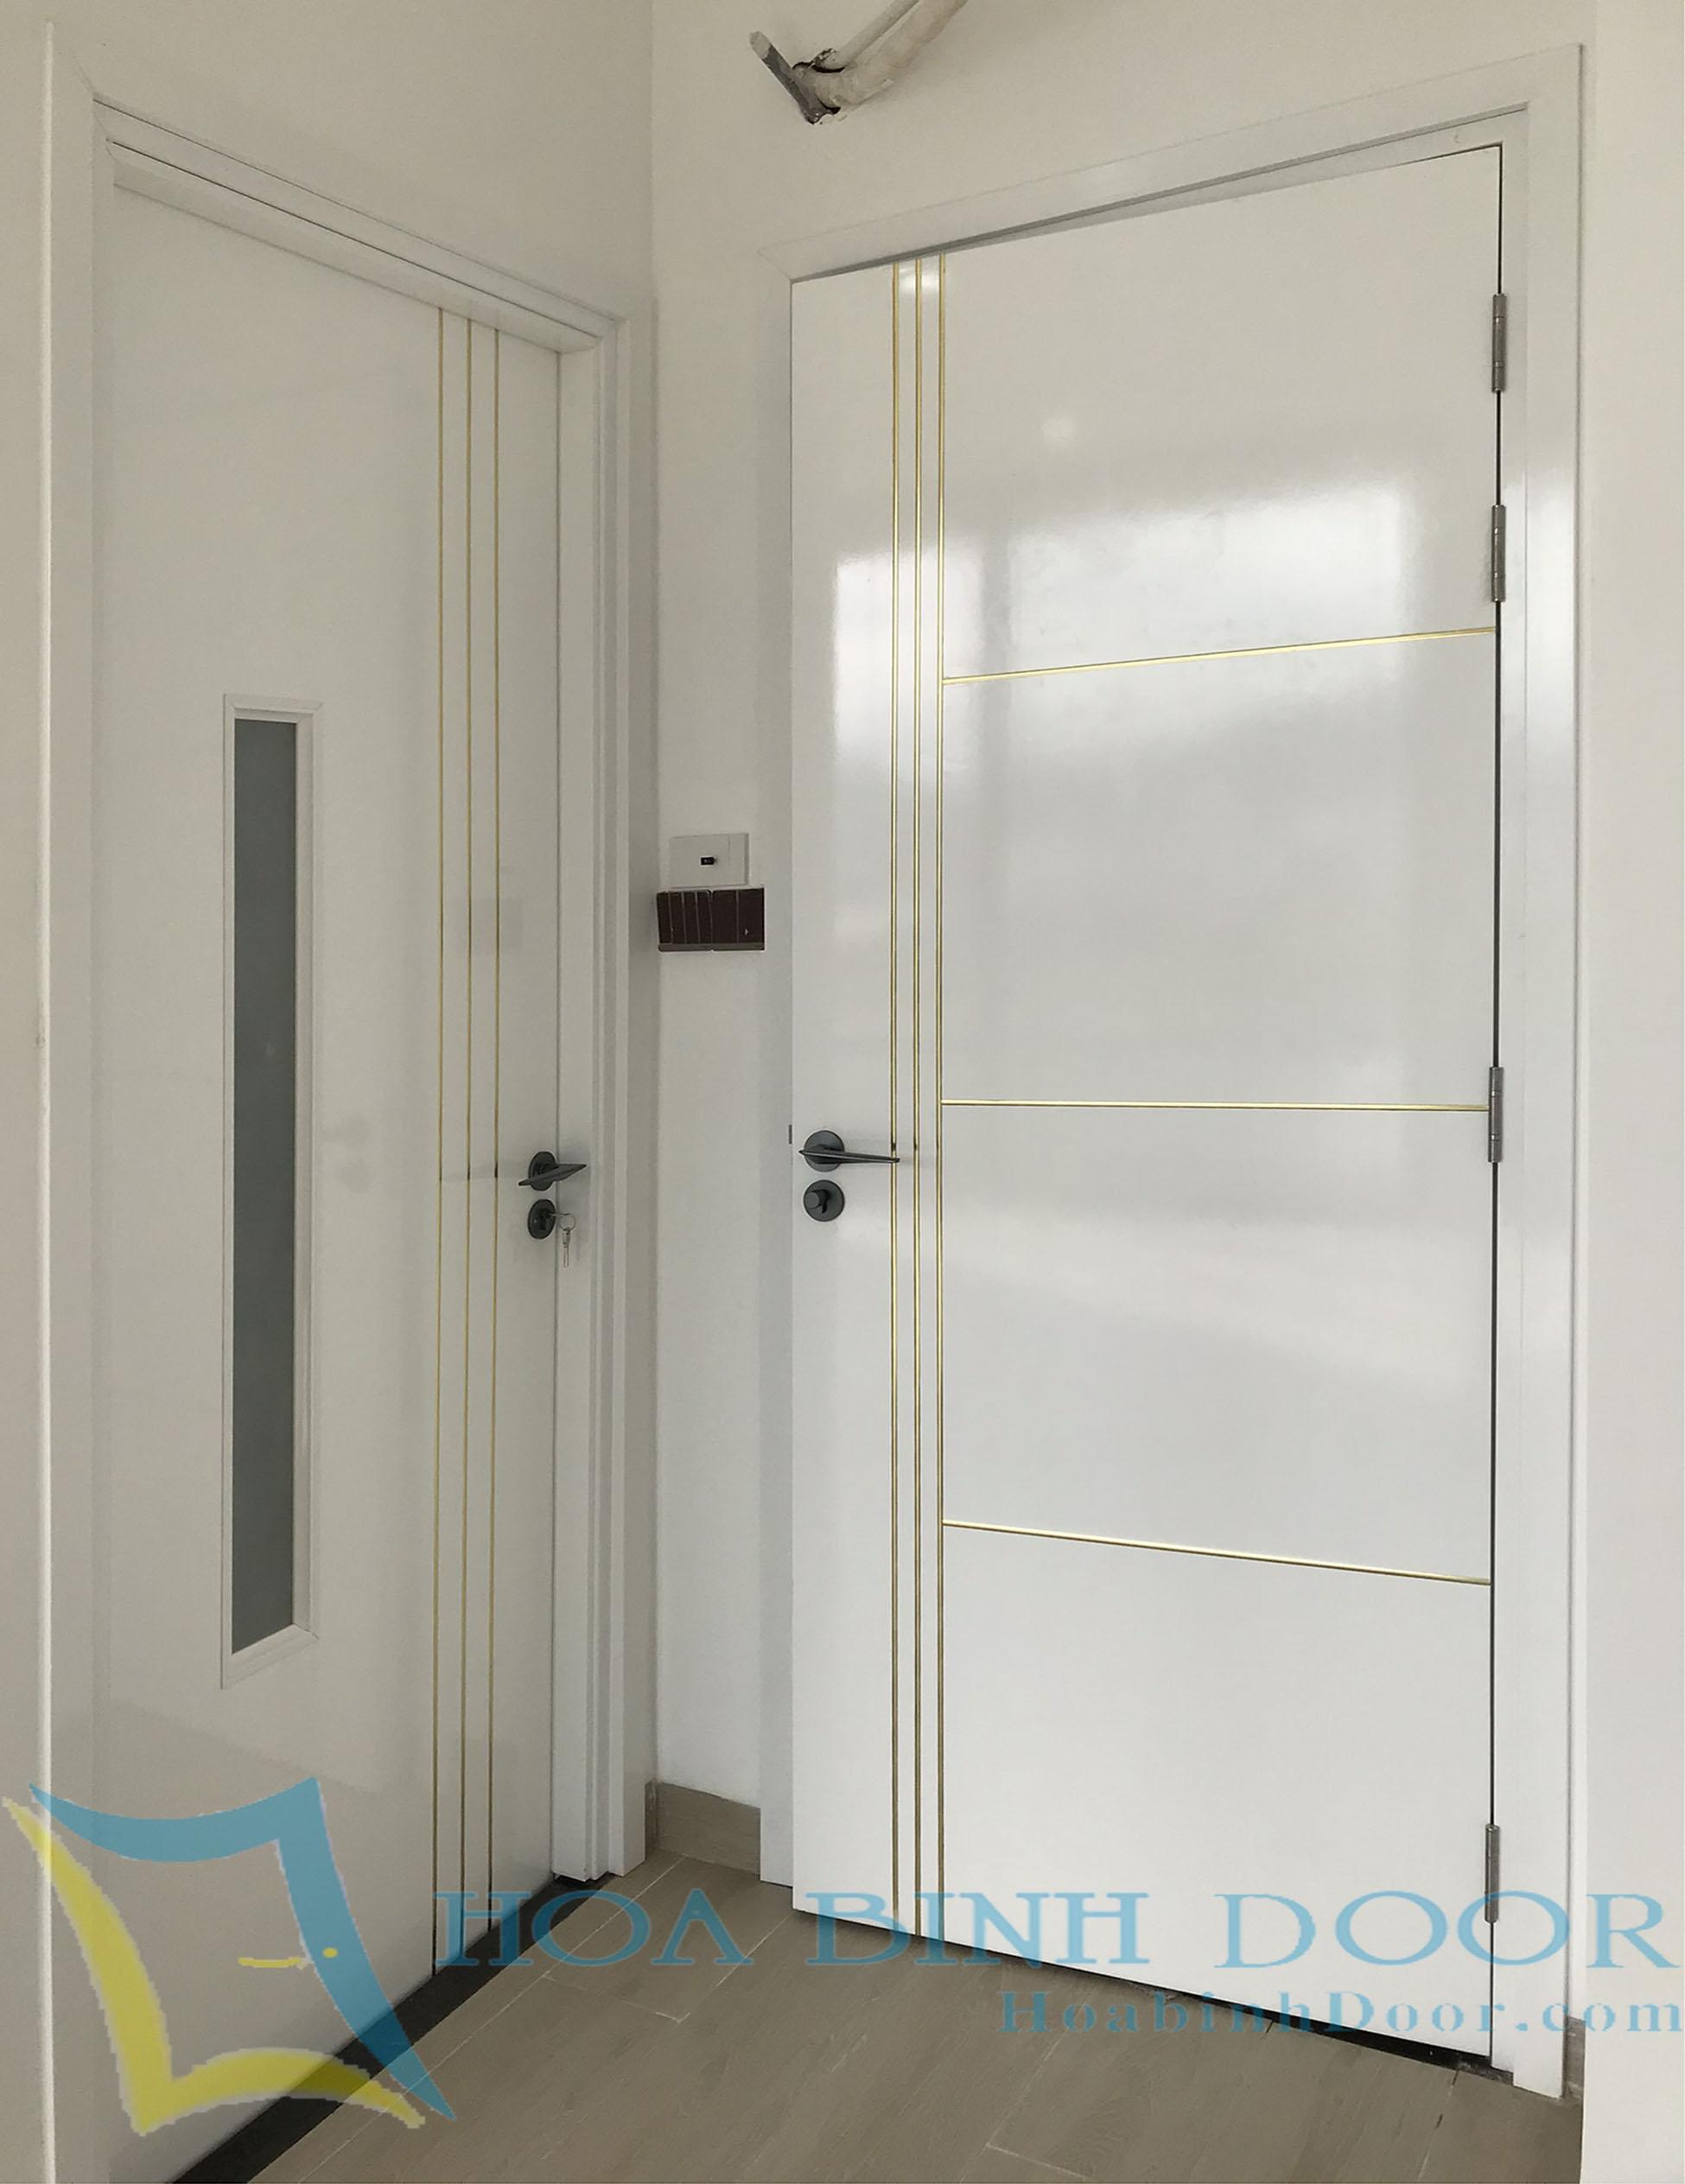 mẫu cửa composite sơn pu